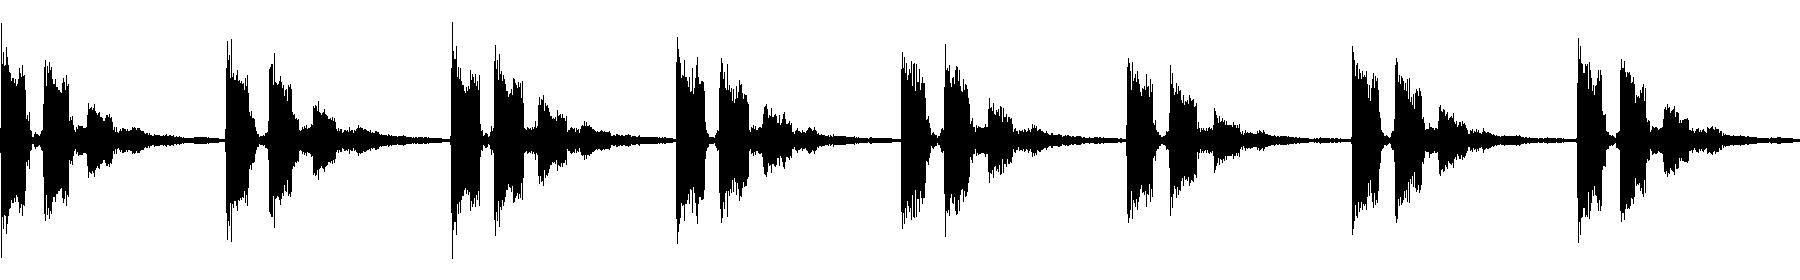 dts chordlp 22b gm wet